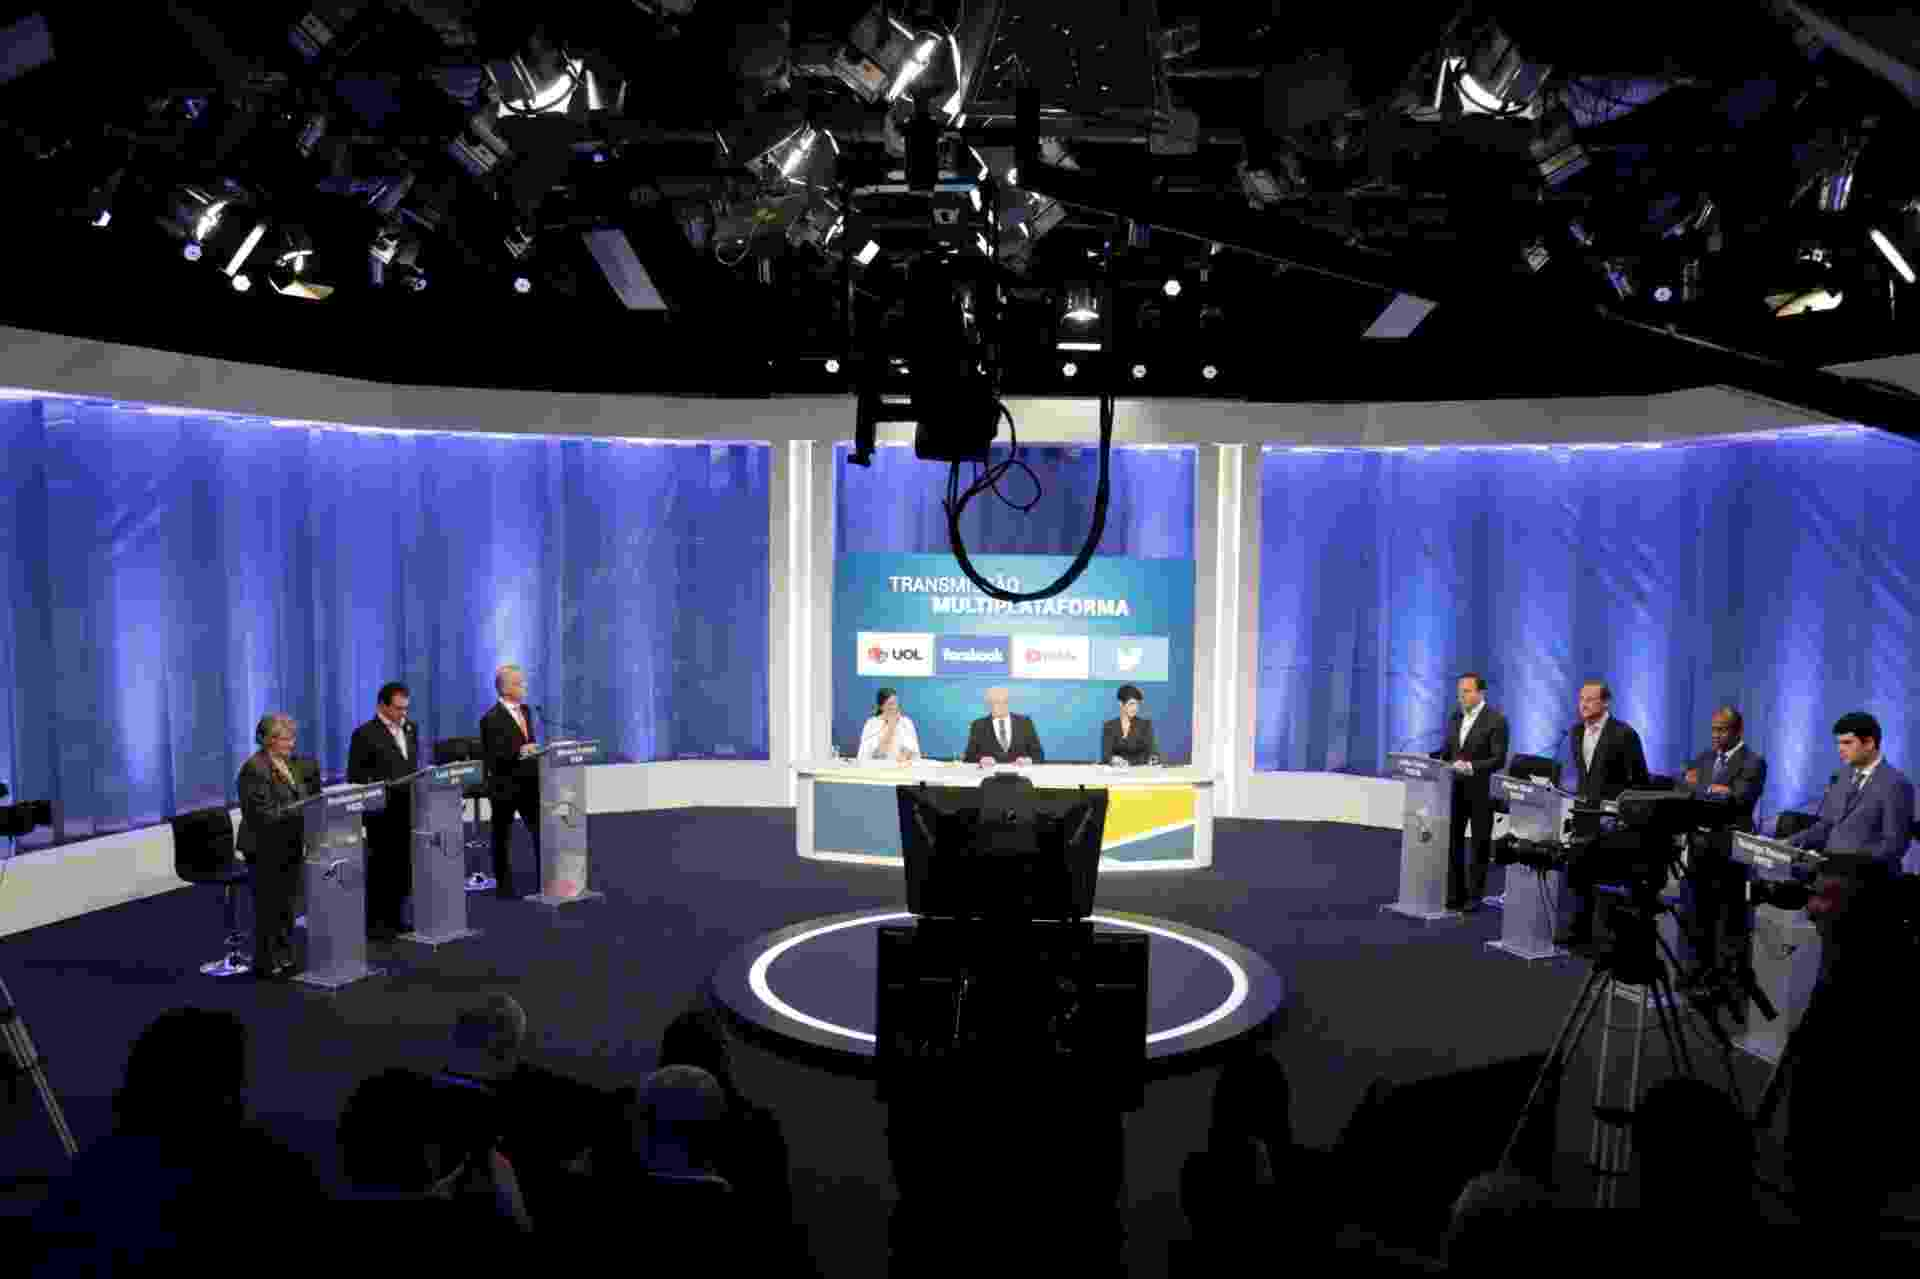 24.ago.2018 - Os candidatos ao governo de São Paulo durante o debate promovido pelo Rede Tv, na noite desta sexta-feira - Adriana Spaca/Folhapress